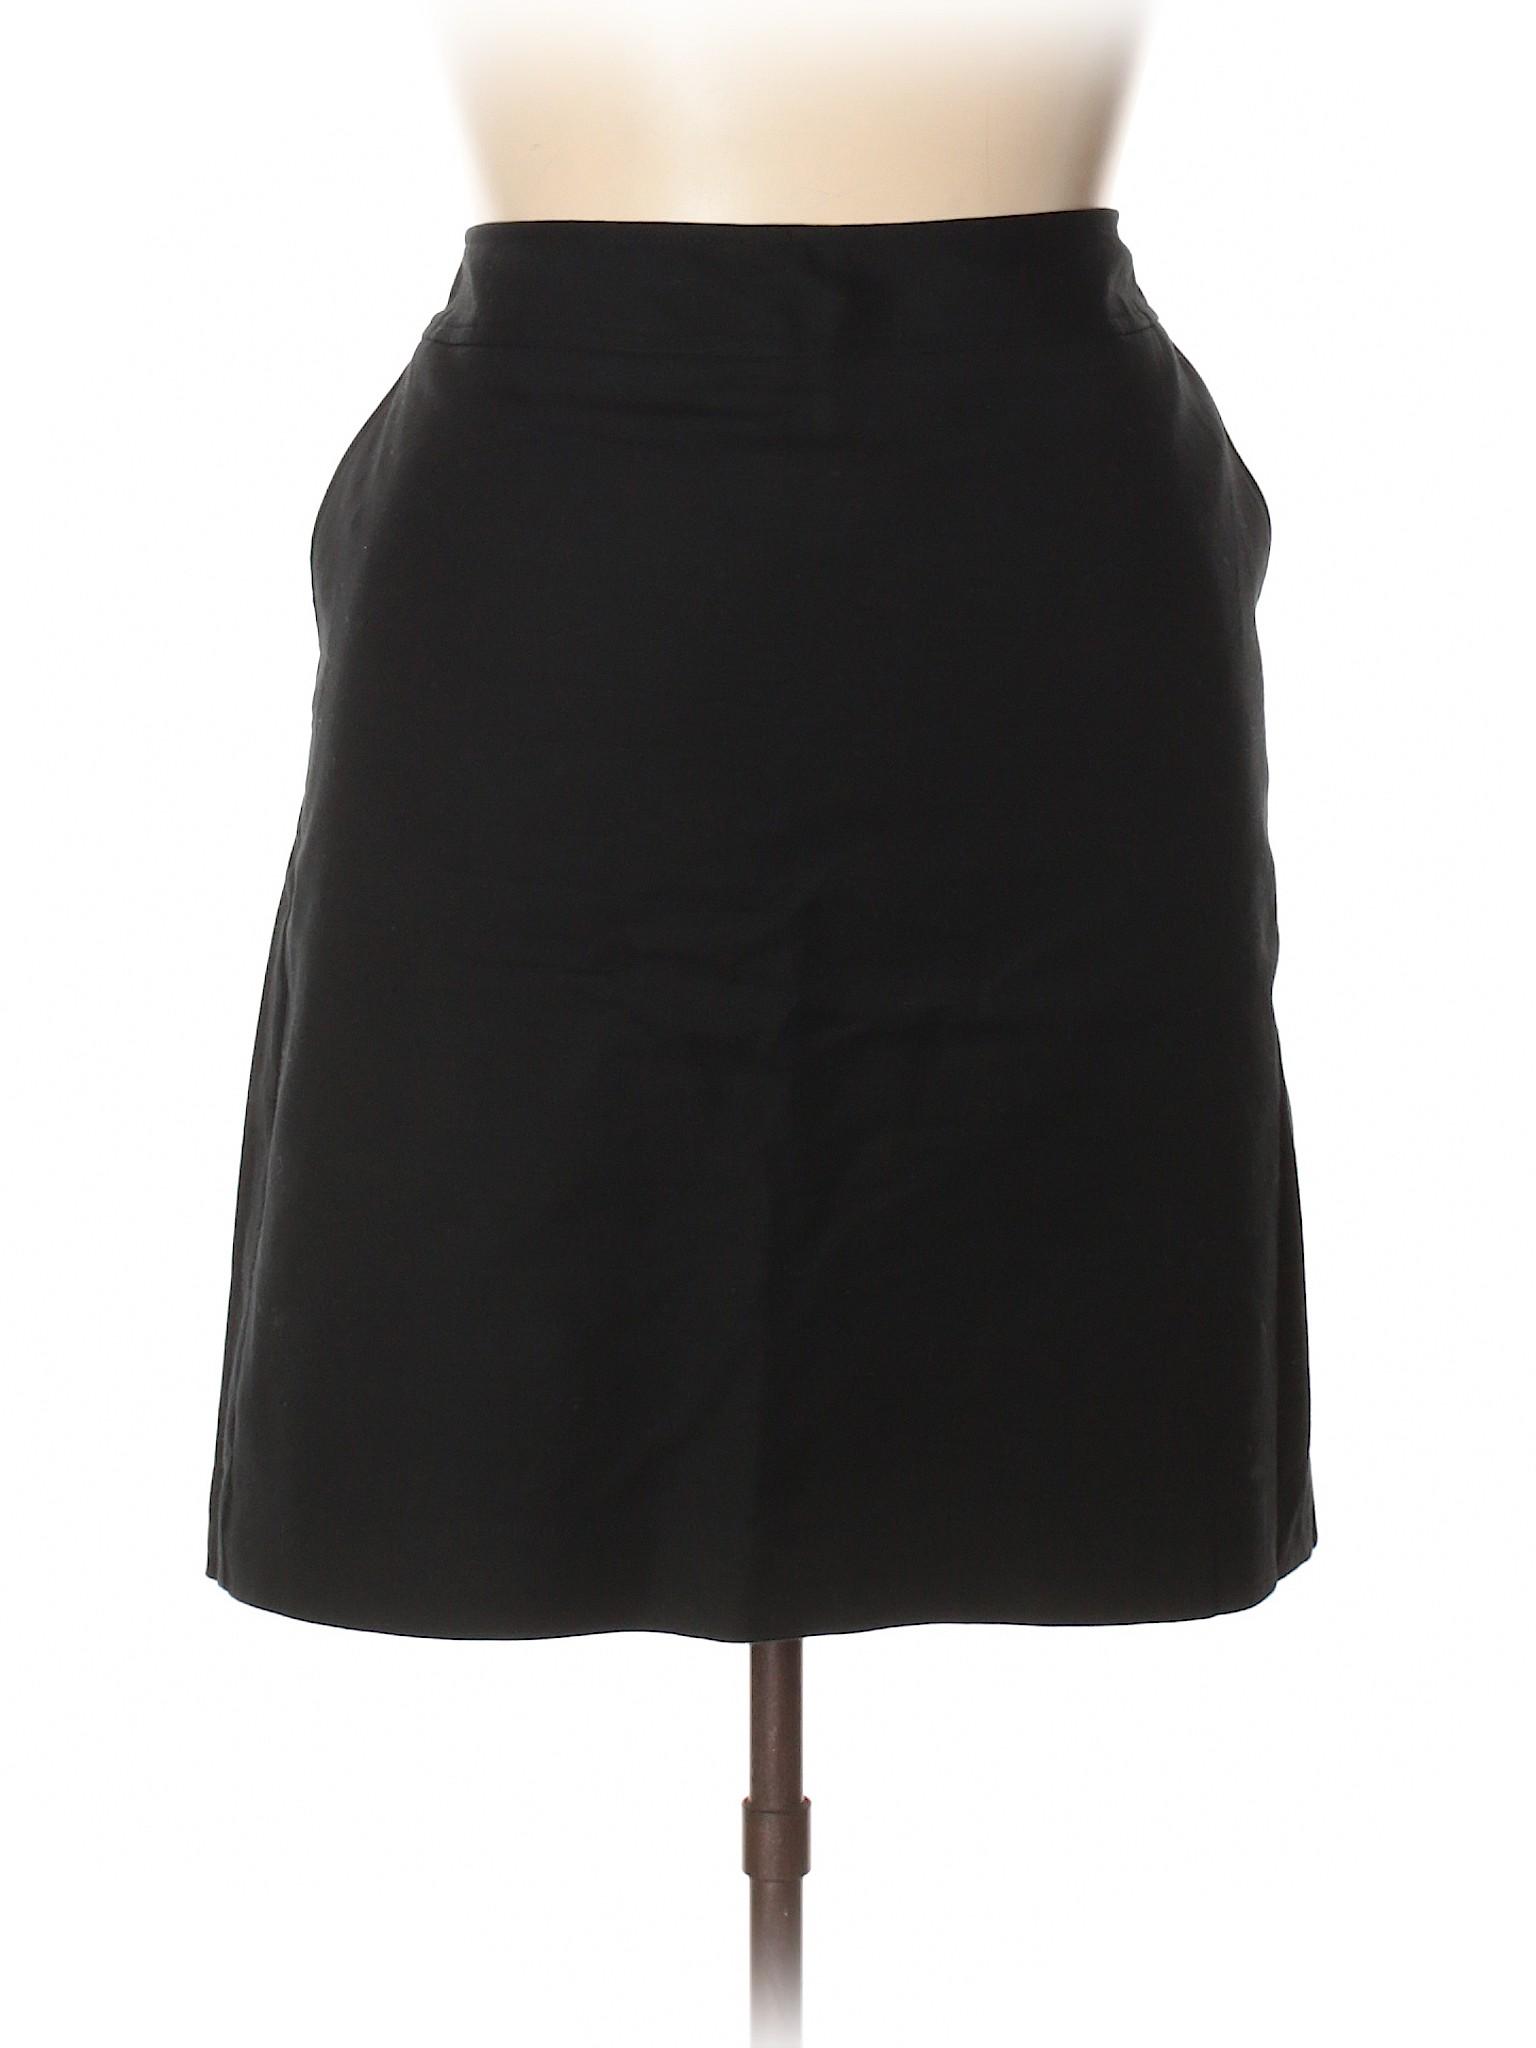 Casual Merona Skirt Skirt Boutique Skirt Casual Boutique Merona Merona Casual Boutique Merona Boutique PgwZtAqn